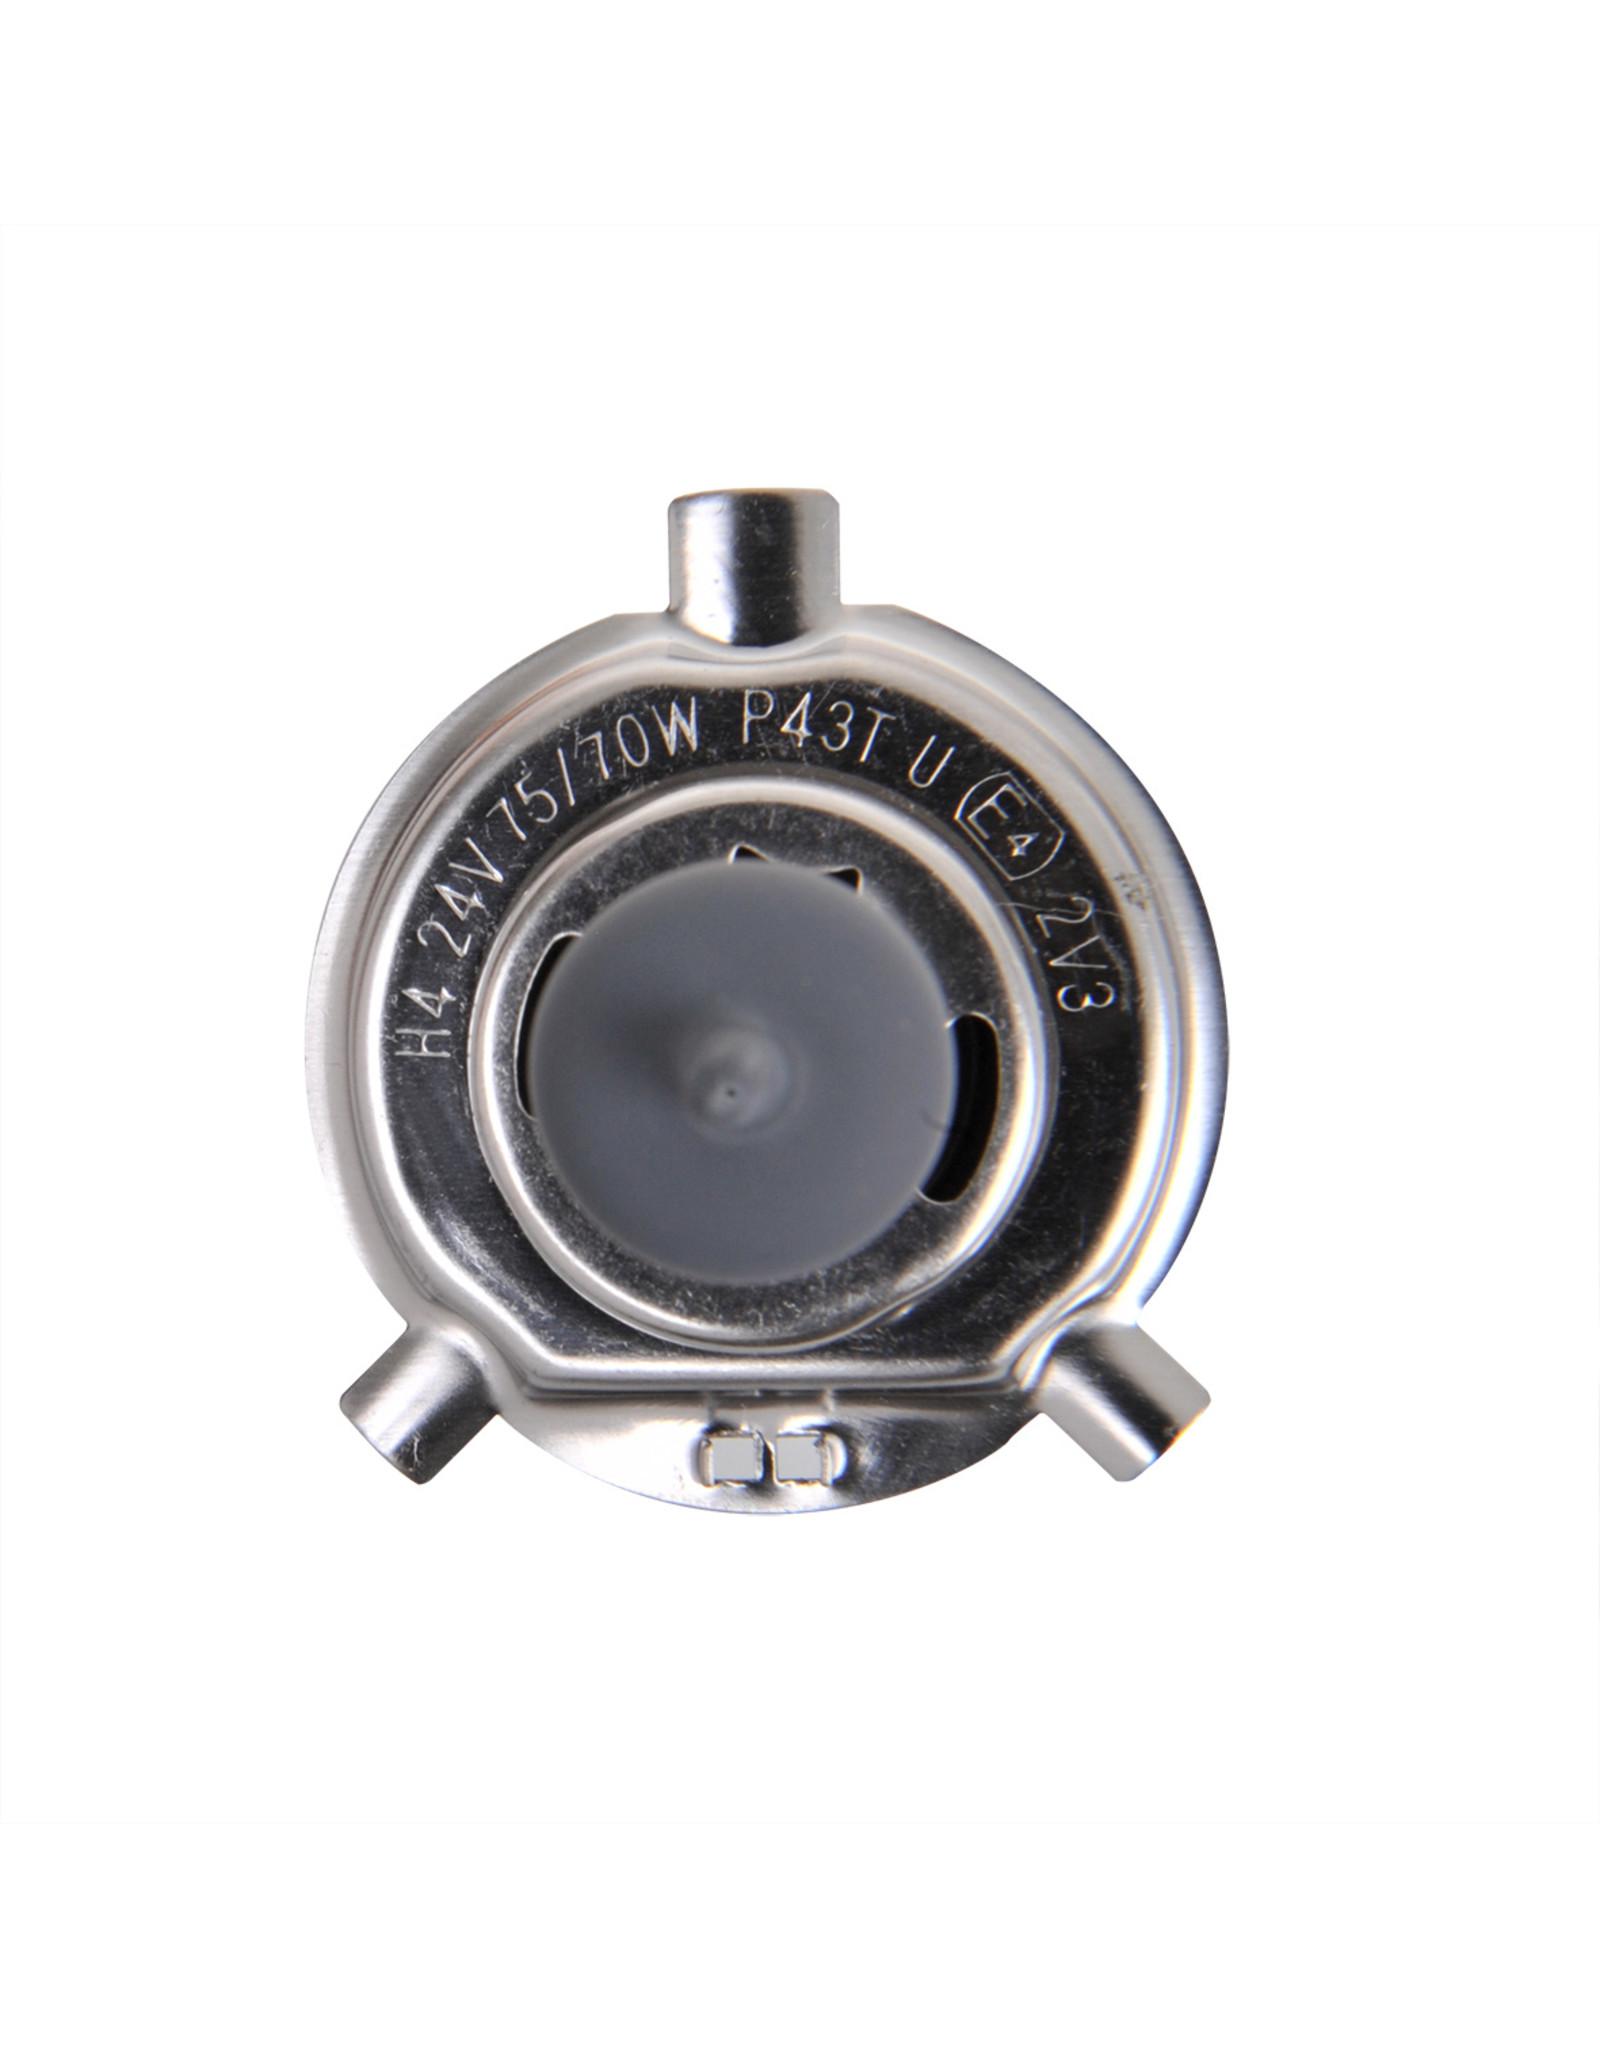 Autolamp 24V 75/70W P43t H4